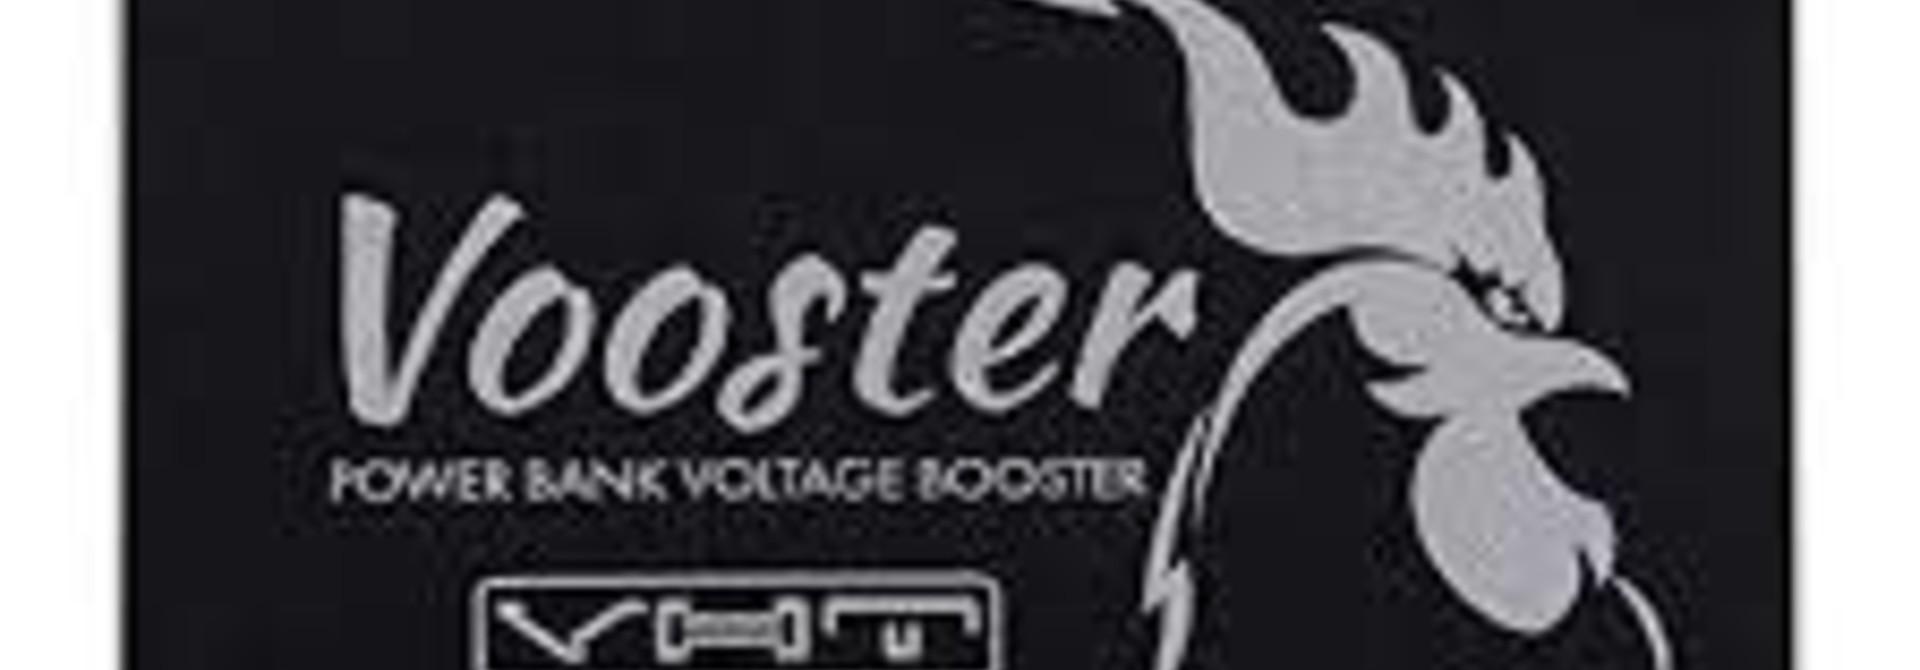 VHT Vooster Voltage Booster